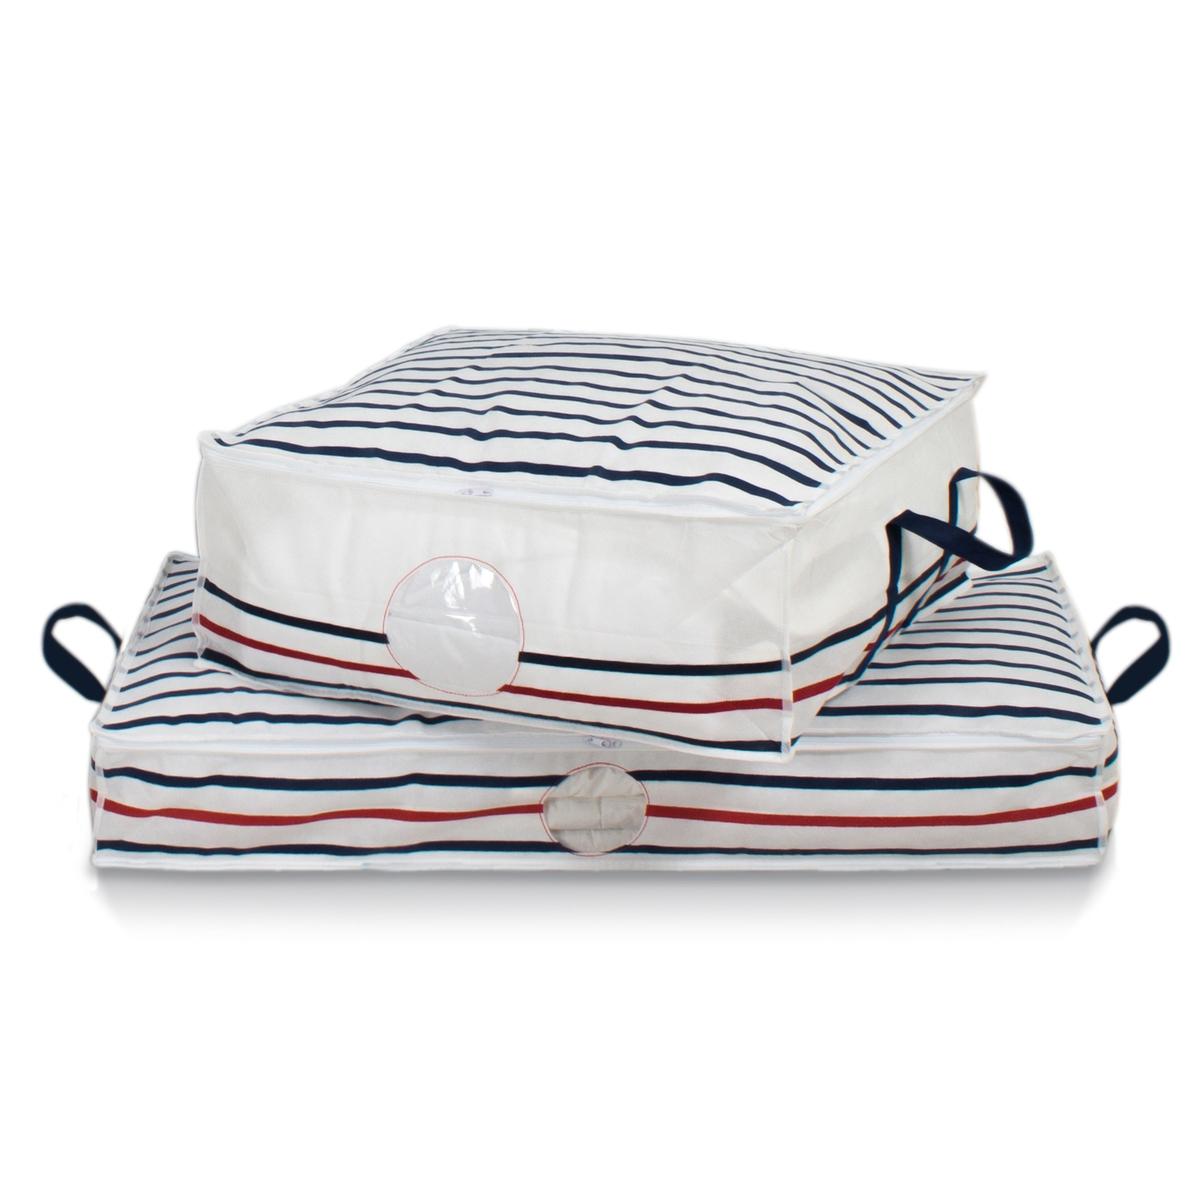 Комплект из 2 чехлов для хранения белья BazilХраните вещи, одеяла, постельное белье и организуйте пространство с помощью защитных чехлов с принтом в морском стиле. Комплект из 2 чехлов.Характеристики чехла:- Нетканый, 100% полипропилена, с принтом в голубую/красную полоску на белом фоне.- 2 ручки для переноски.- Застежка на молнию с 3 сторон.- Прозрачная вставка.Размеры чехла:Длина 100 см.Ширина 46 см.Высота 15 см.Найдите все чехлы для хранения Bazil на сайте laredoute.ru.<br><br>Цвет: в полоску белый/темно-синий